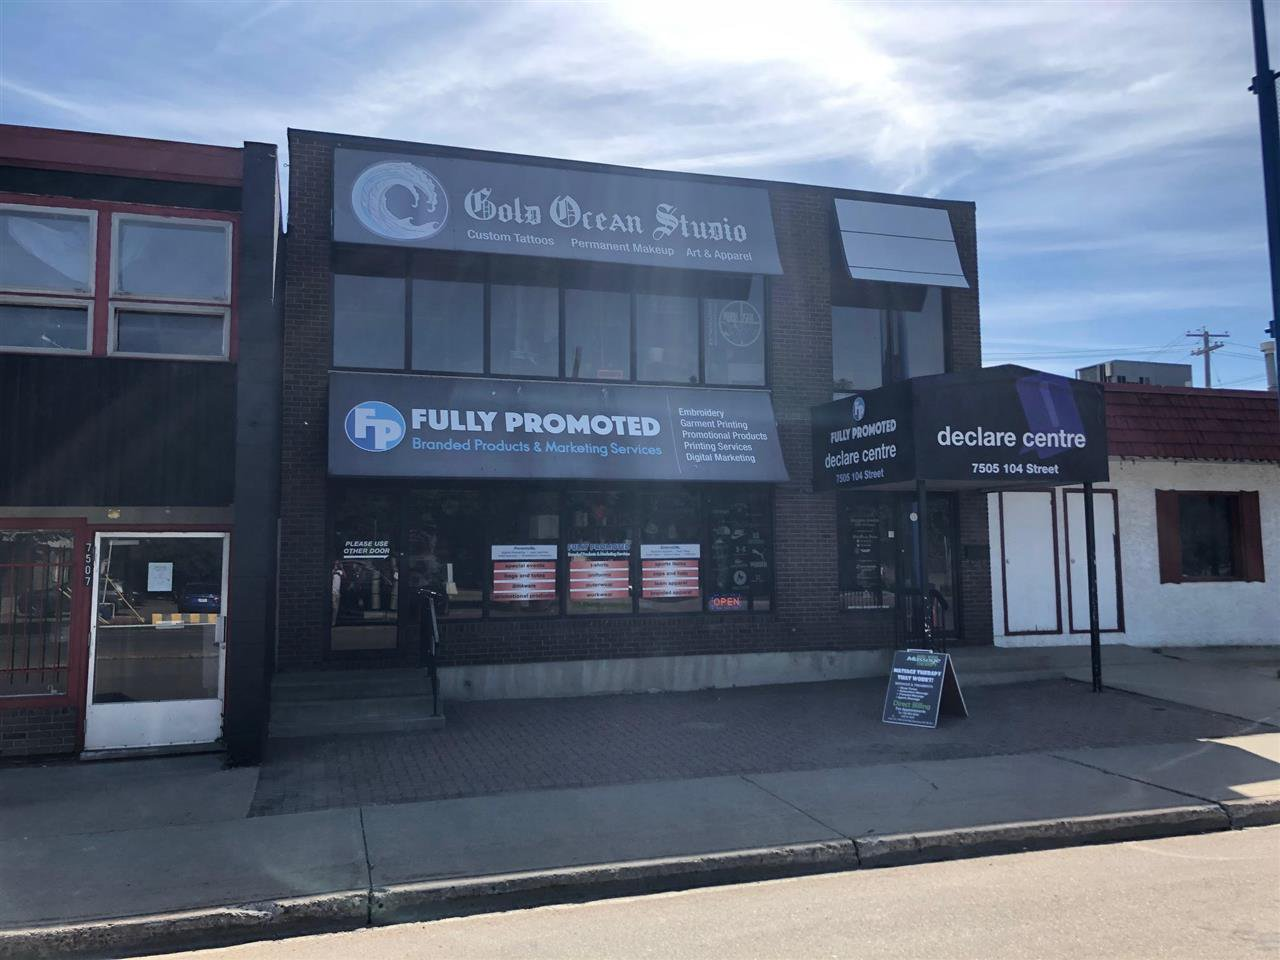 Main Photo: 7505 104 Street in Edmonton: Zone 41 Office for sale : MLS®# E4212332